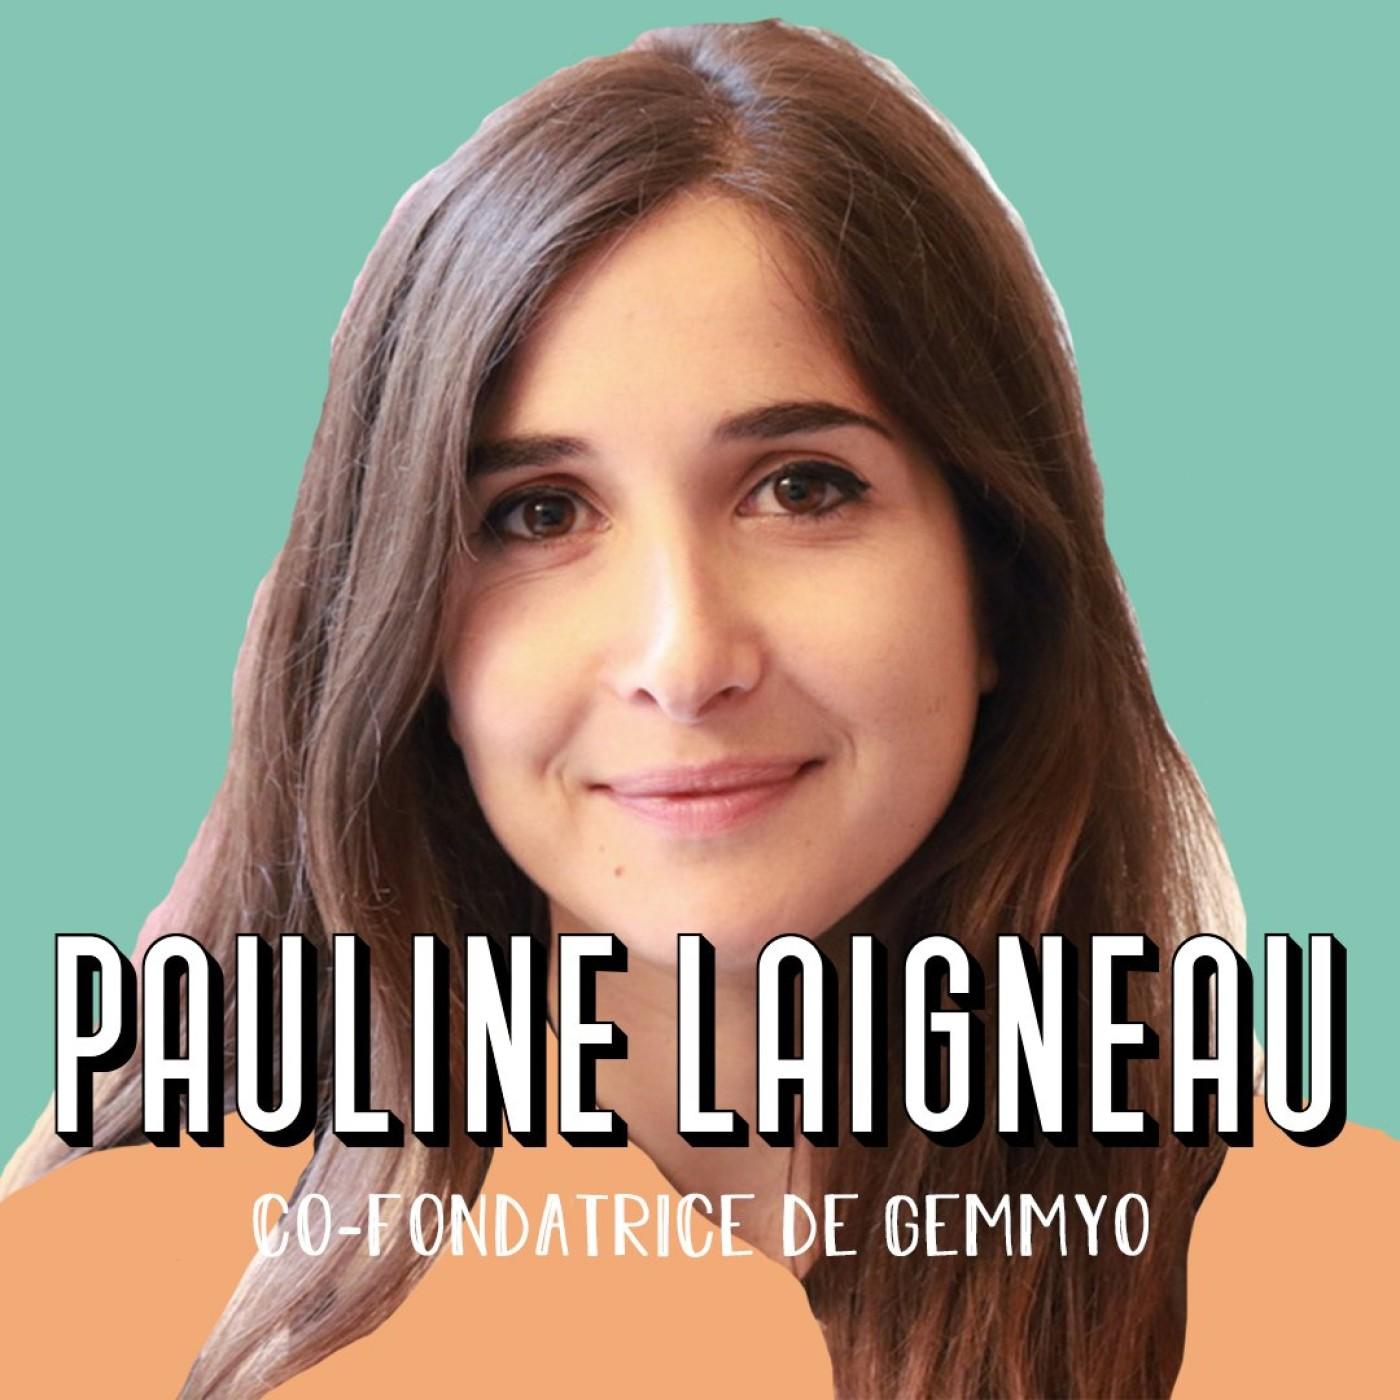 Pauline Laigneau, Fondatrice de Gemmyo et du podcast Le Gratin - Le vrai pouvoir, c'est de se connaître